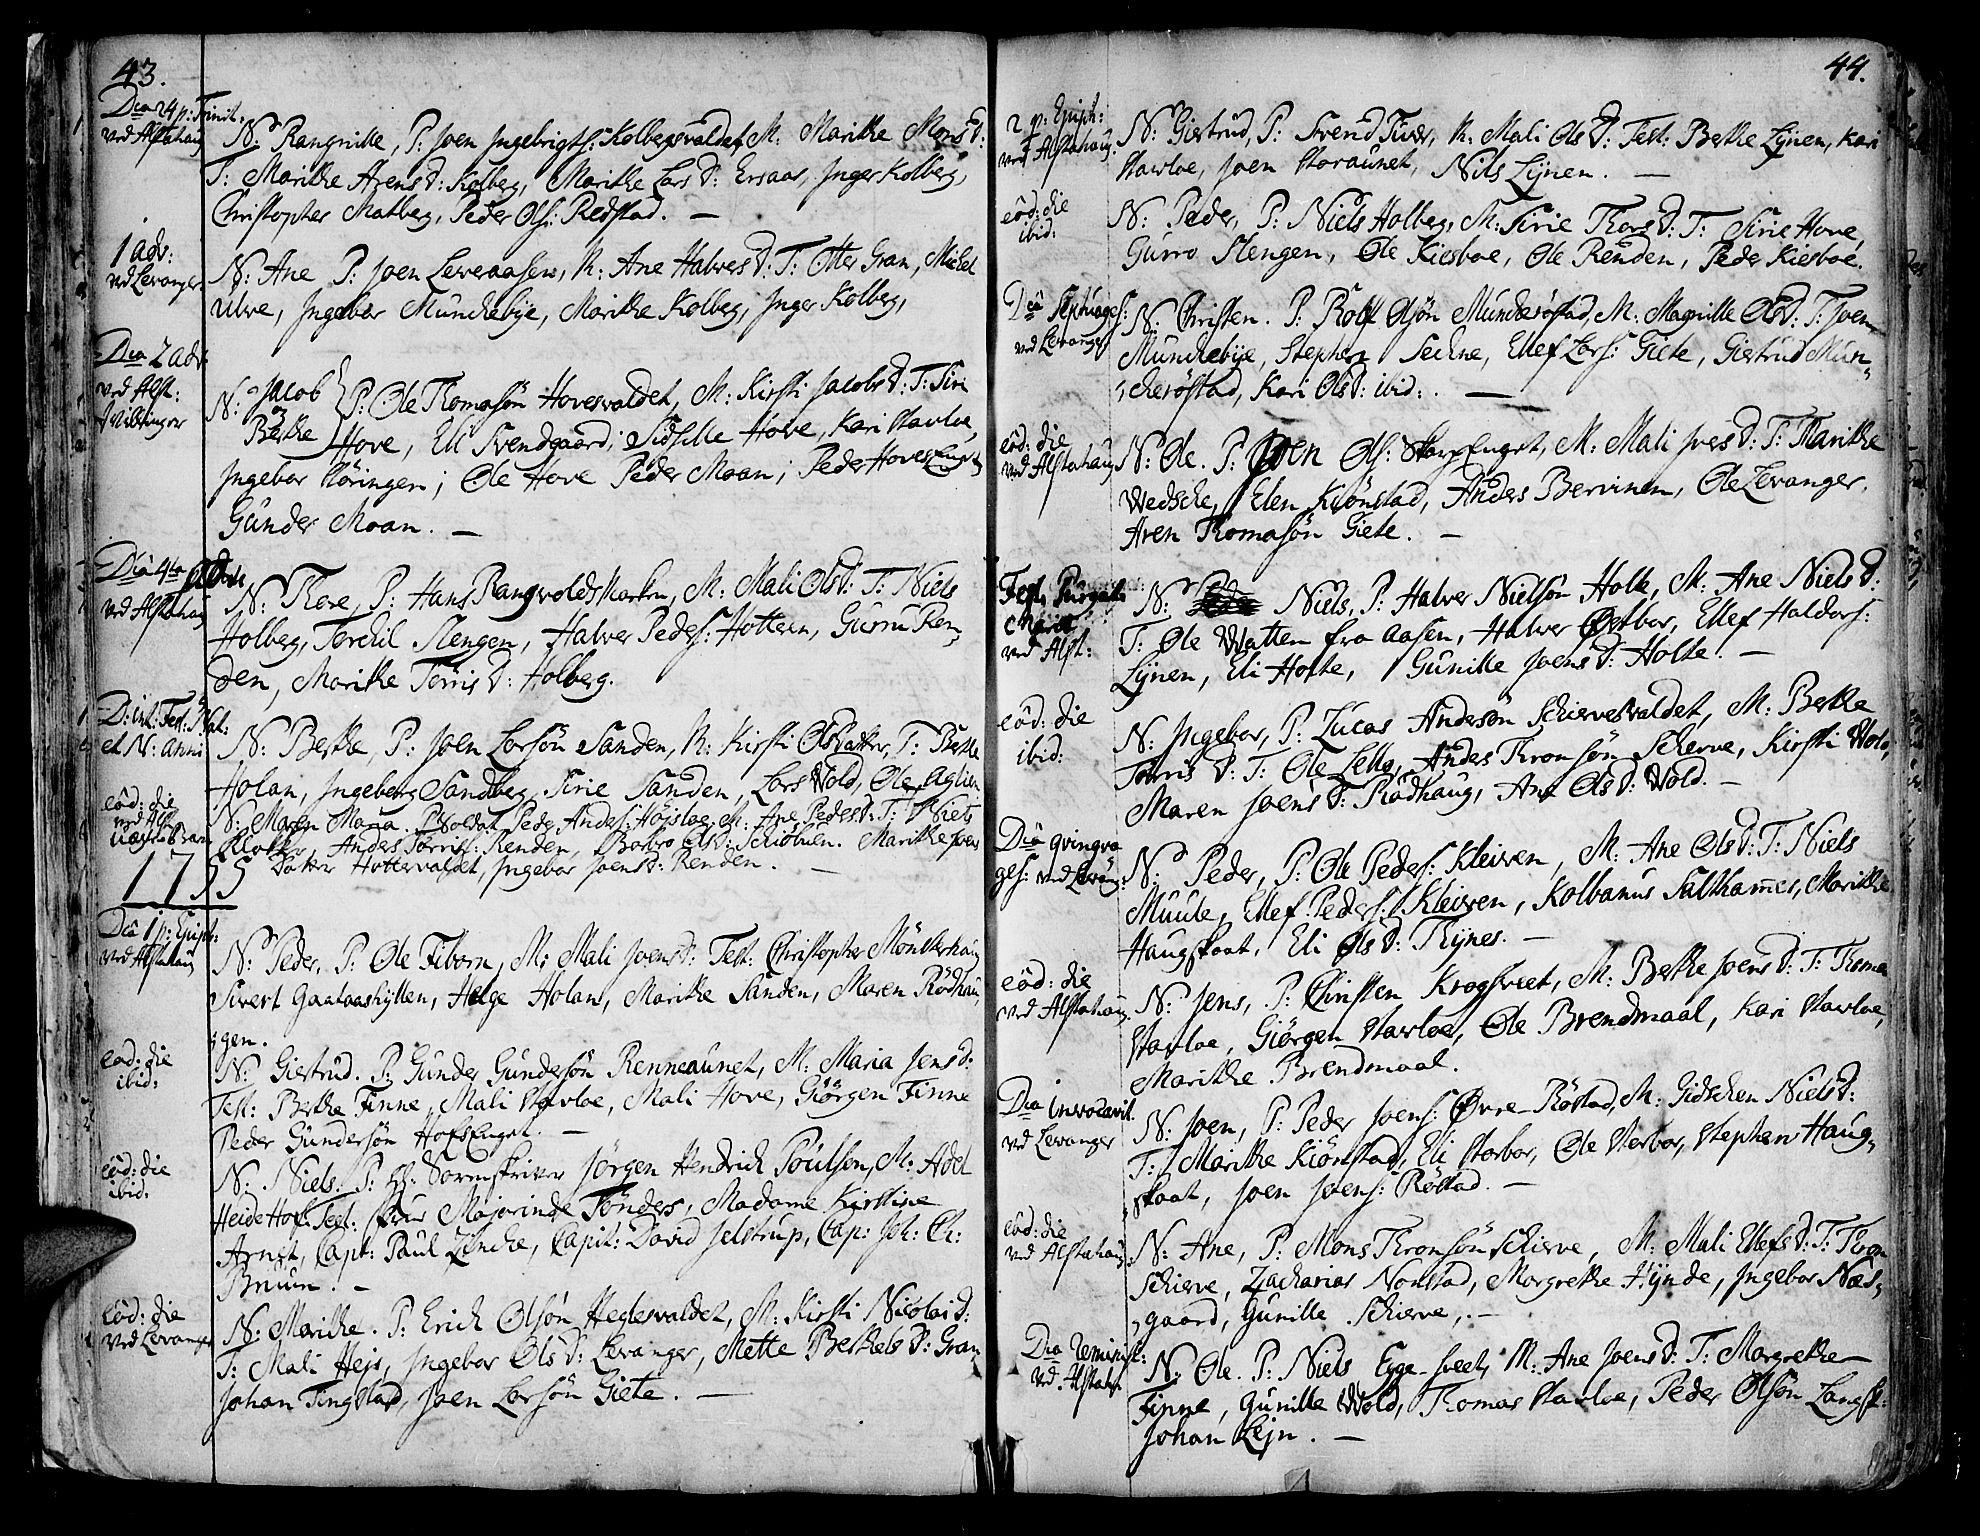 SAT, Ministerialprotokoller, klokkerbøker og fødselsregistre - Nord-Trøndelag, 717/L0141: Ministerialbok nr. 717A01, 1747-1803, s. 43-44